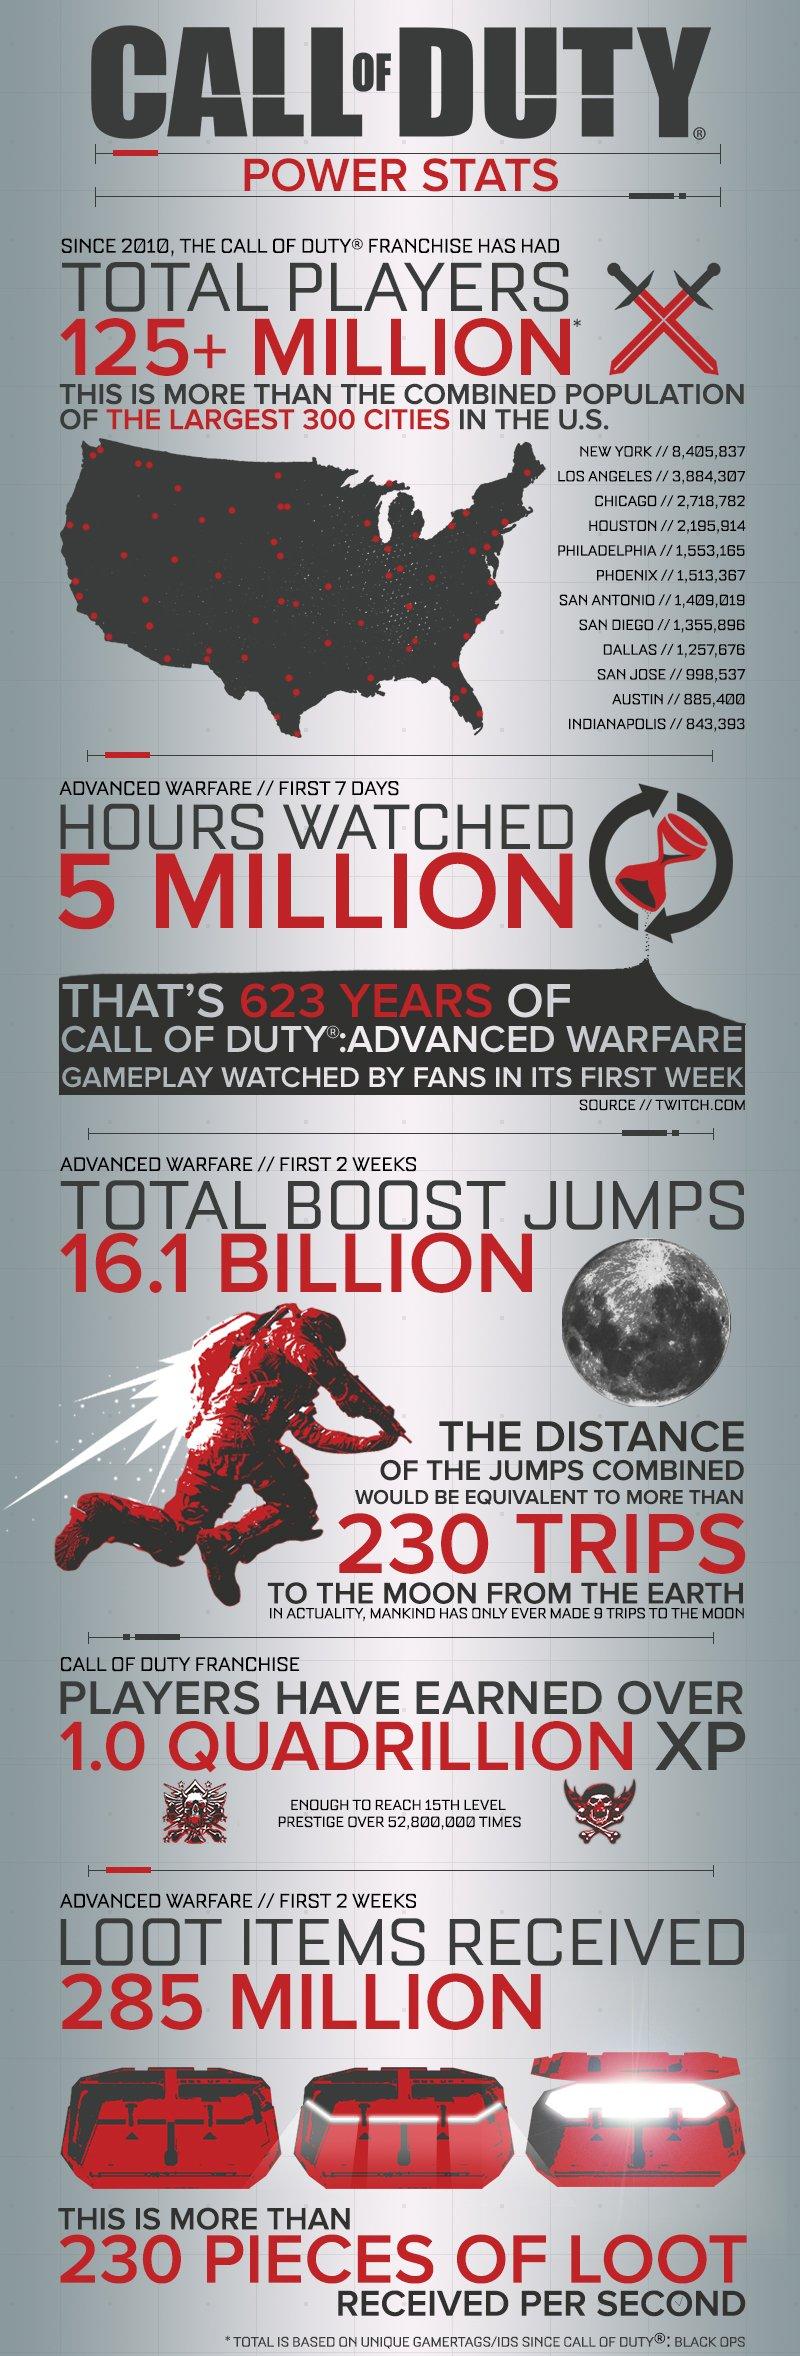 В Call of Duty поиграло более 125 млн человек за 4 года - Изображение 2